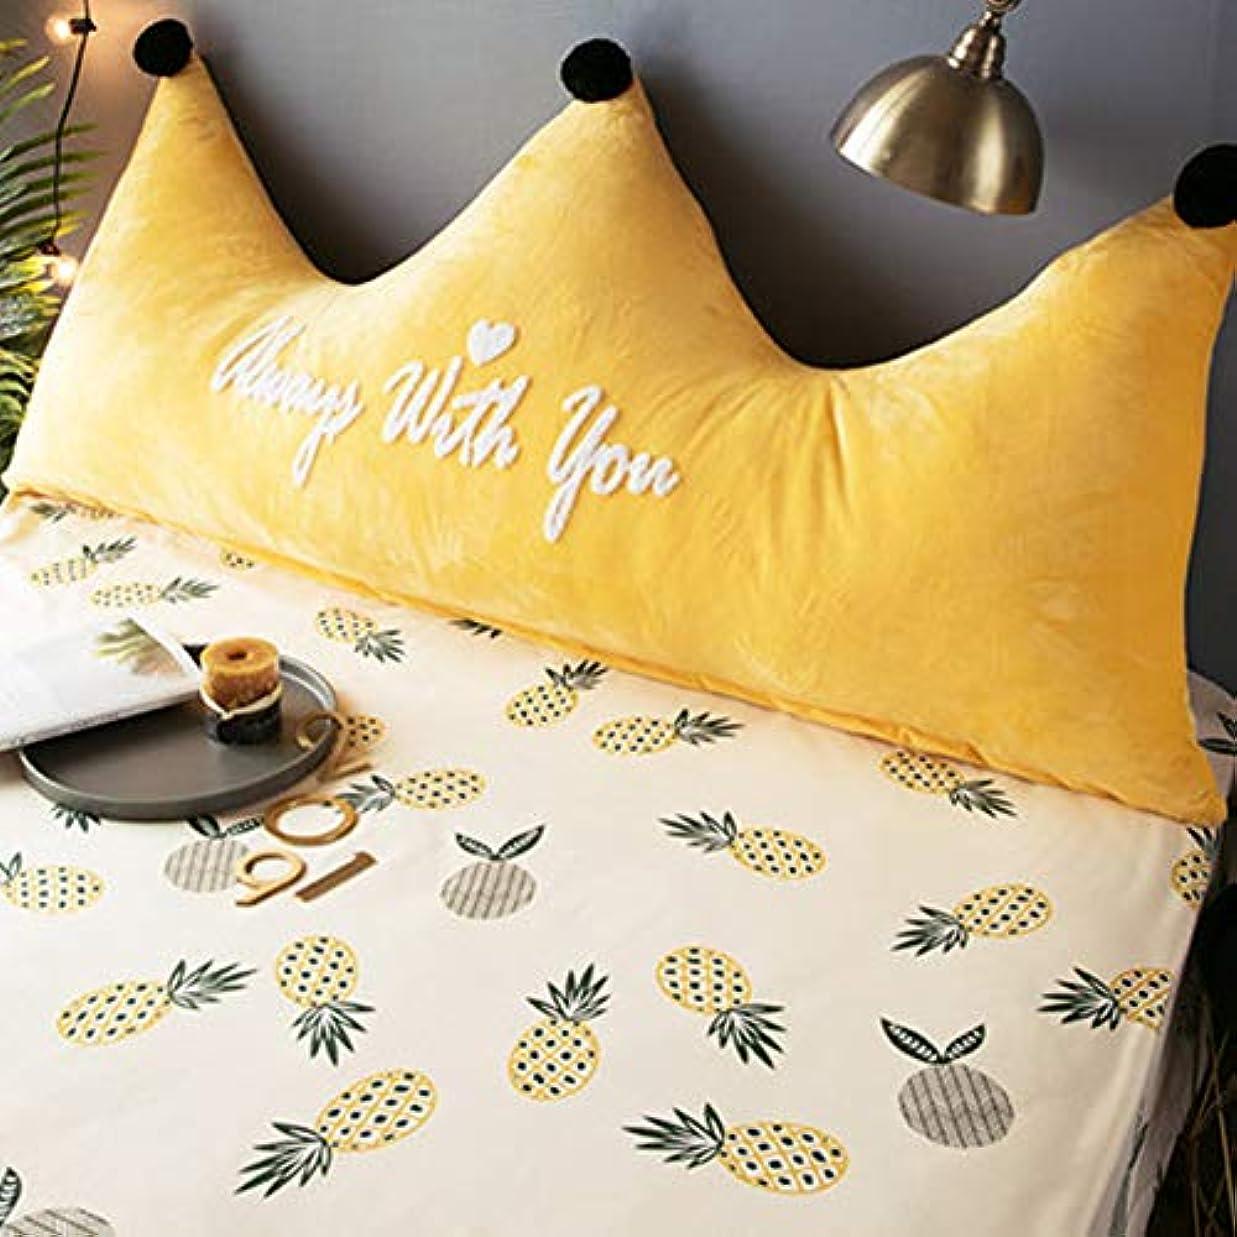 ベッドサイドトライアングル枕、ヘッドボード黒三角ウェッジクッションベッド戻るポジショニングサポート枕読書枕,90*60CM